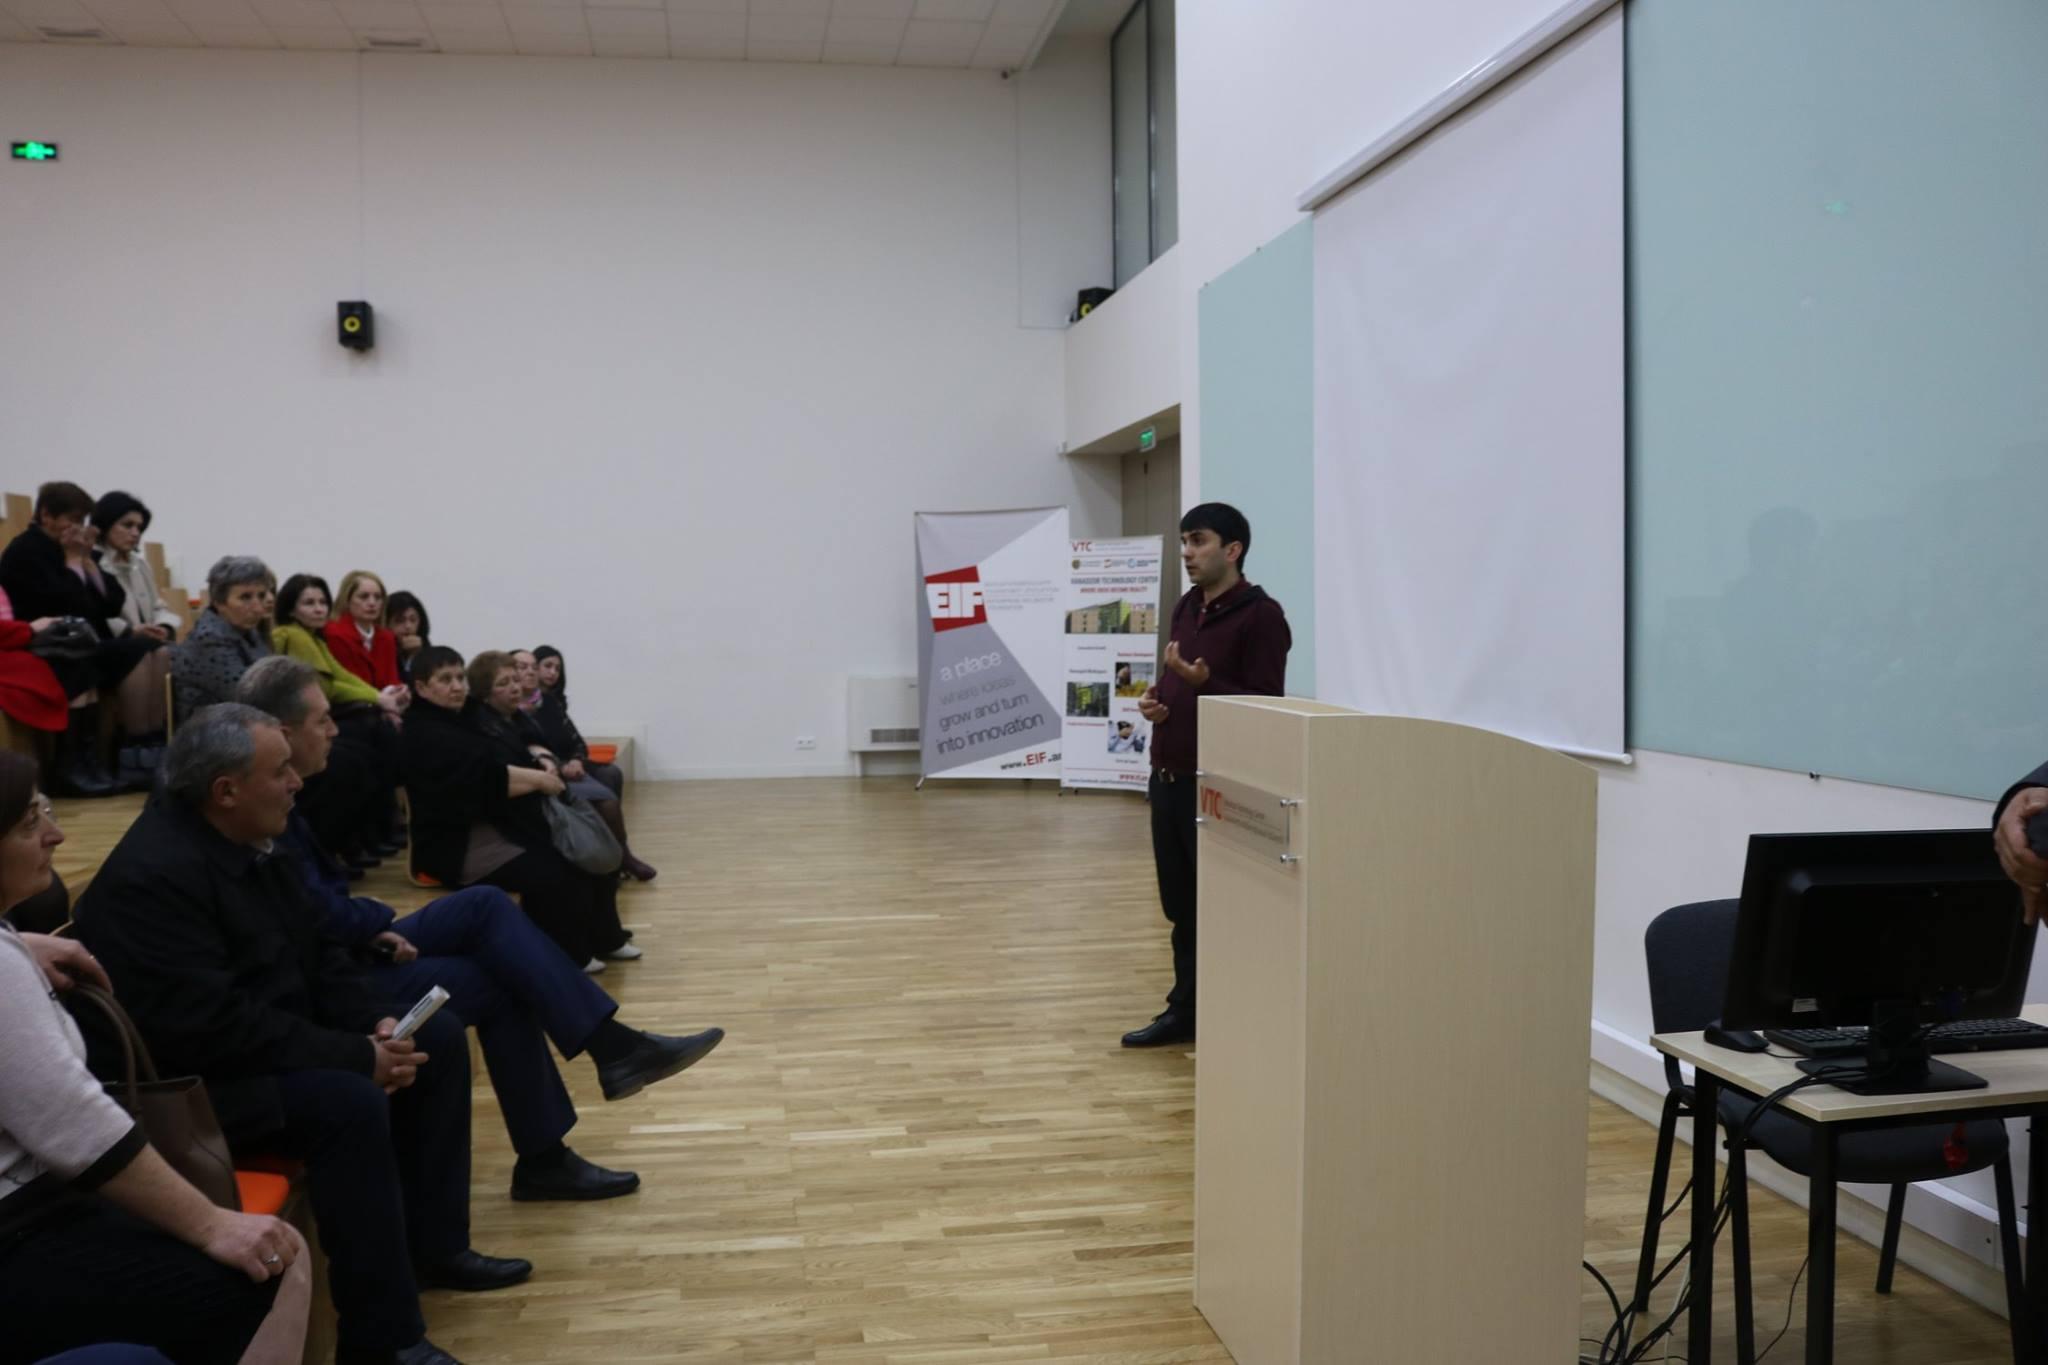 Լոռու մարզի ինֆորմատիկայի ուսուցիչները անցել են վերապատրաստման ծրագիր